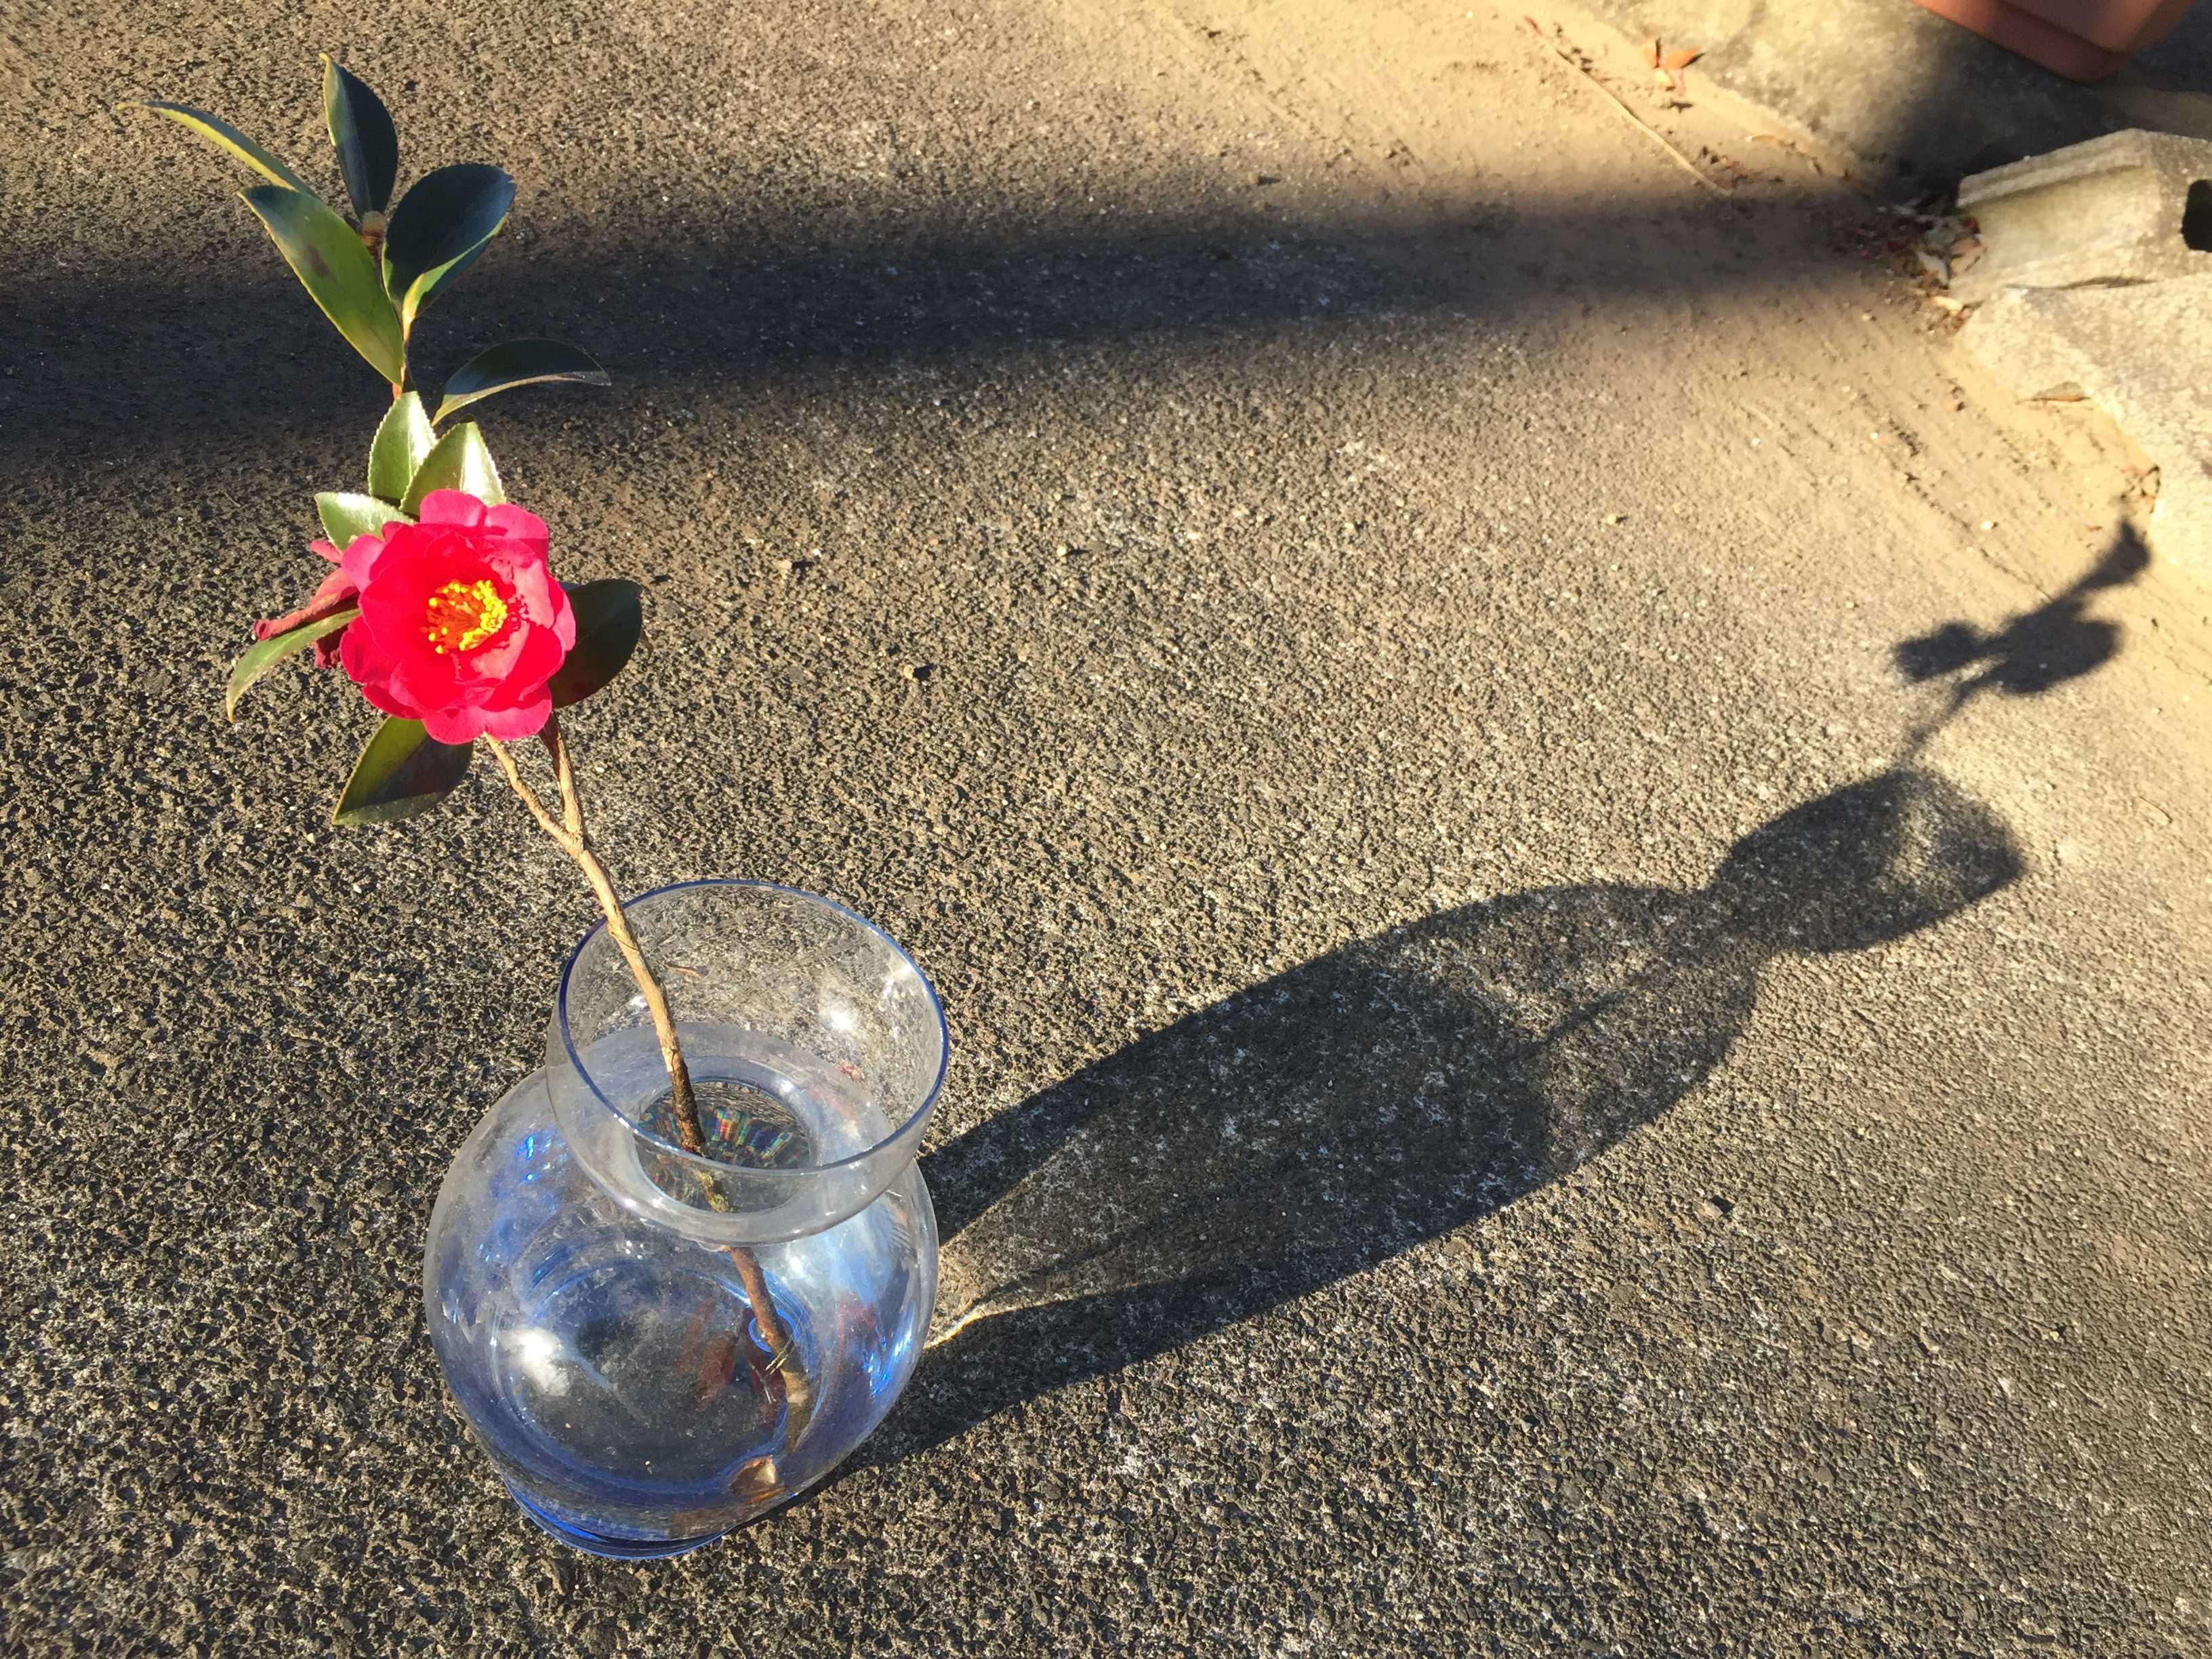 一輪挿しのガラスの花瓶に生けたタチカンの勘次郎